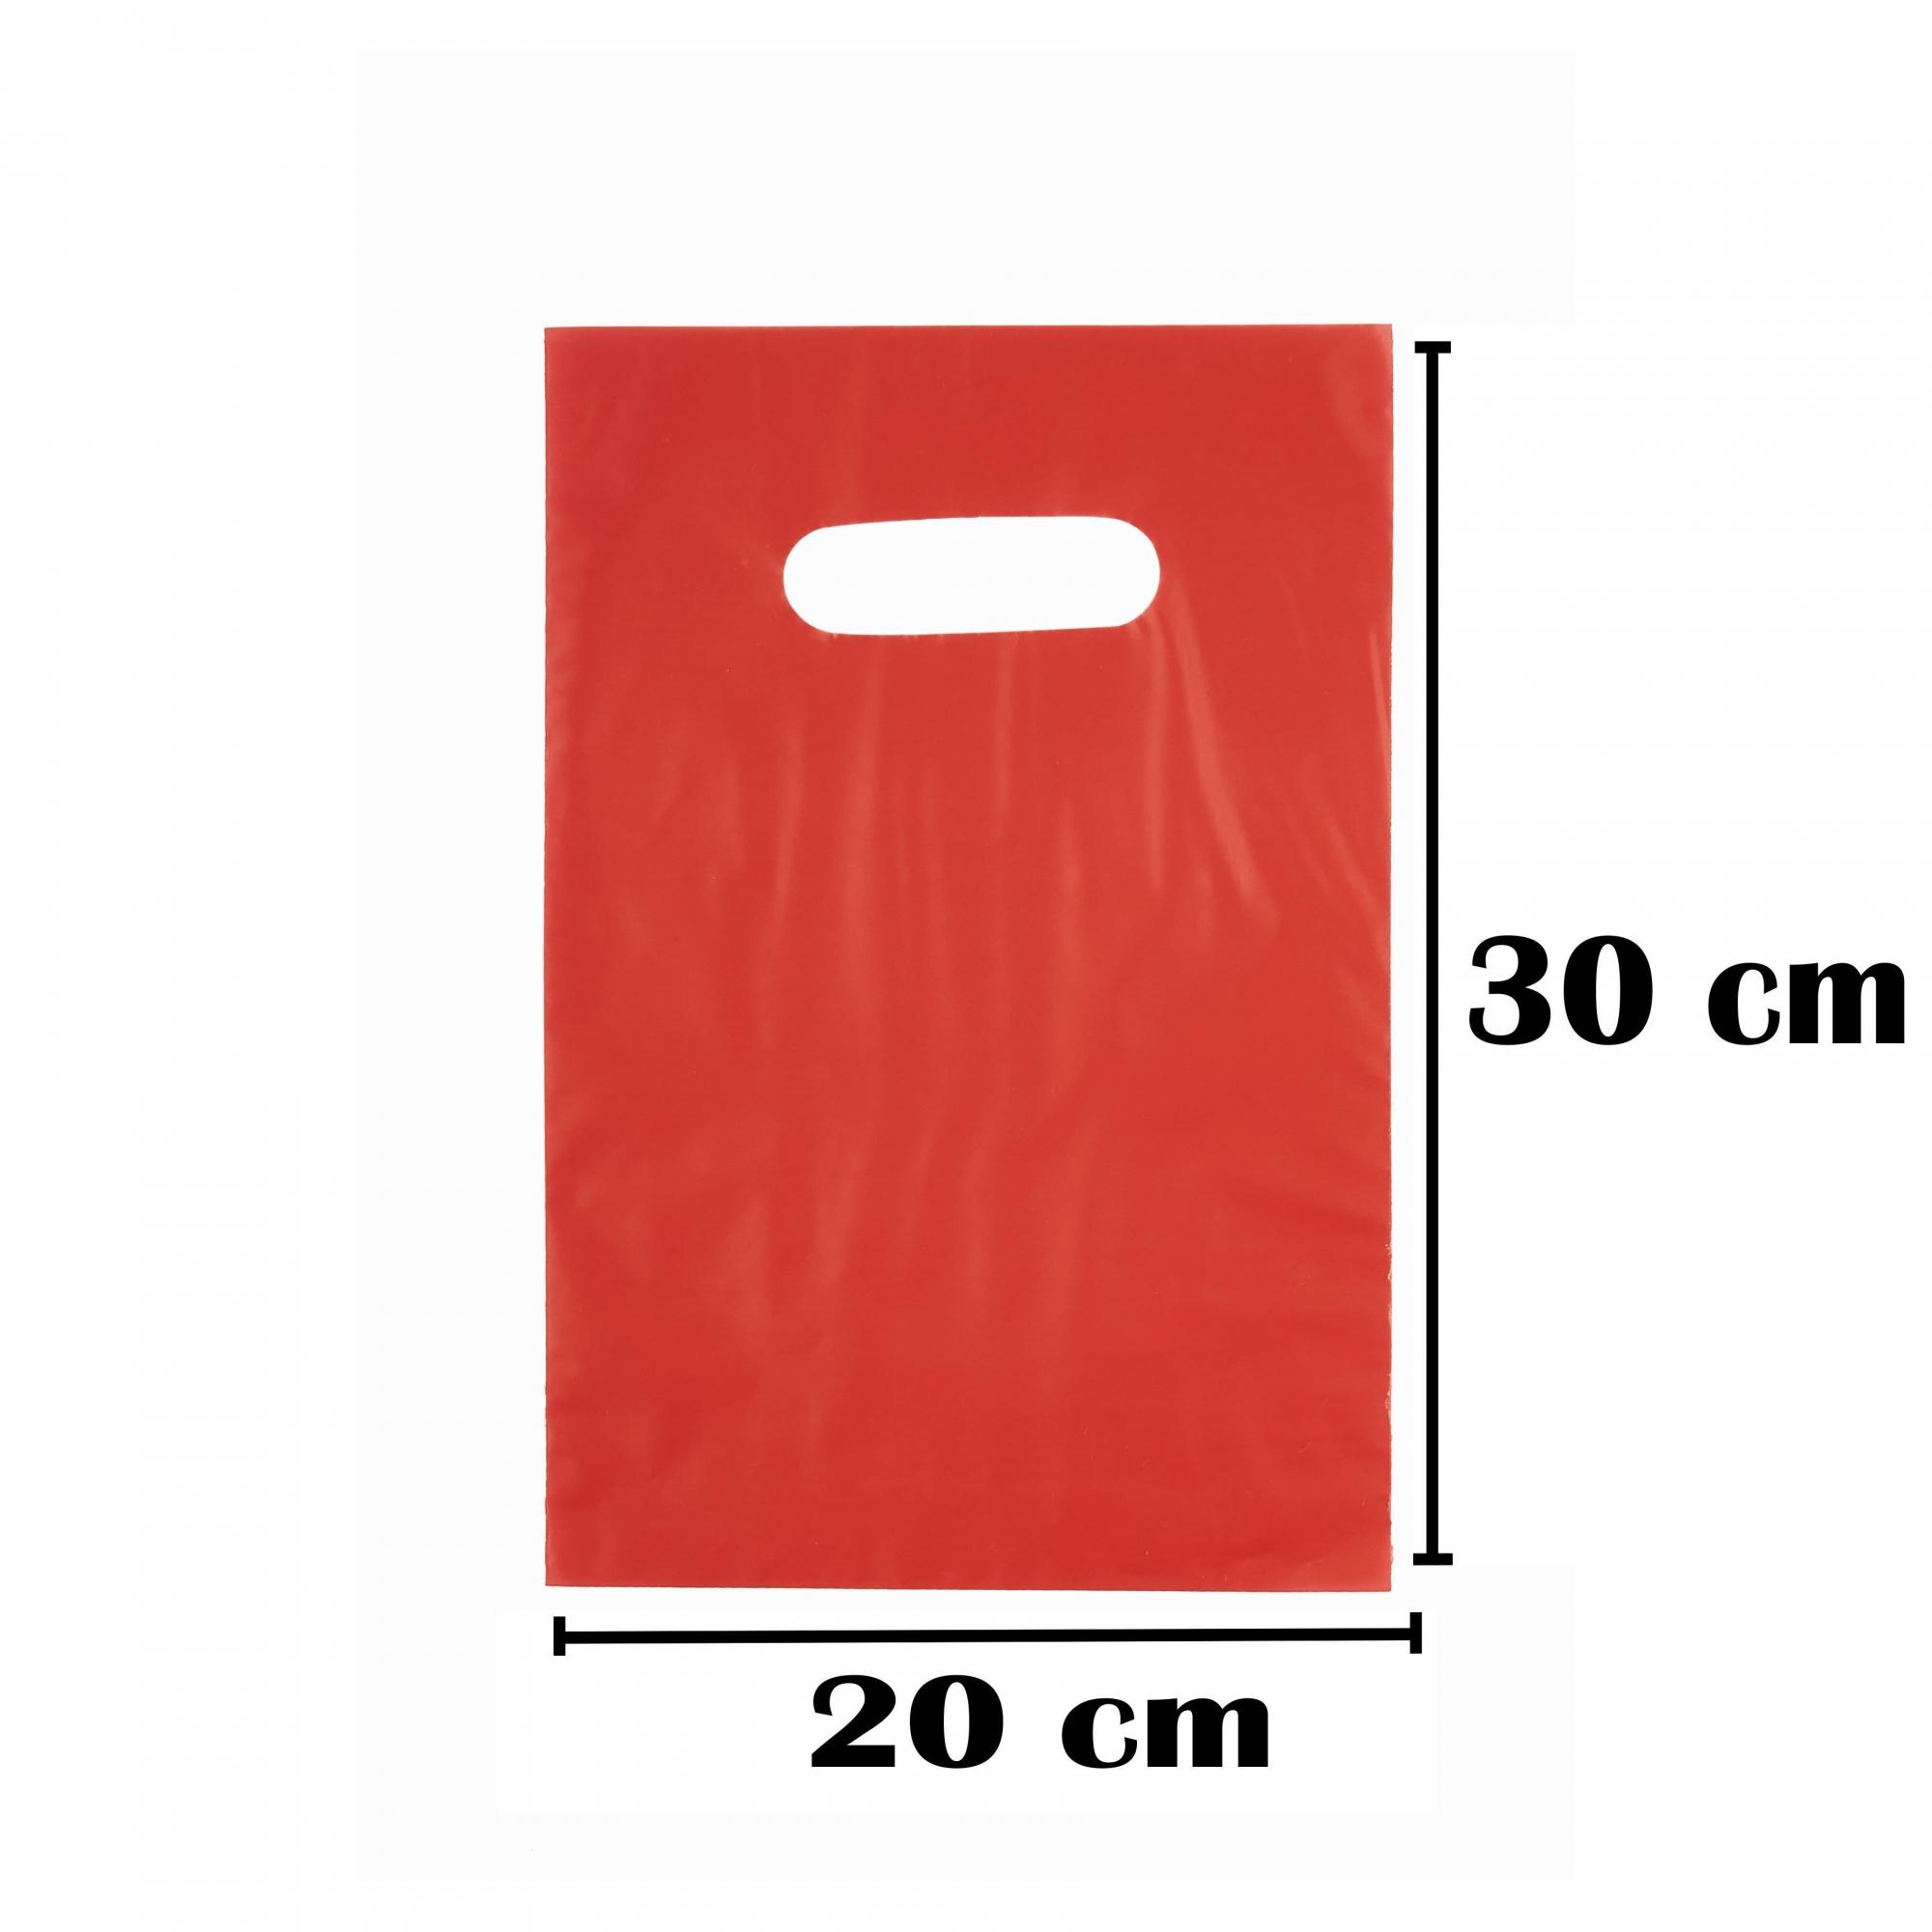 Sacola Plástica 20x30 Vermelha Alça Boca de Palhaço 50 Unidades